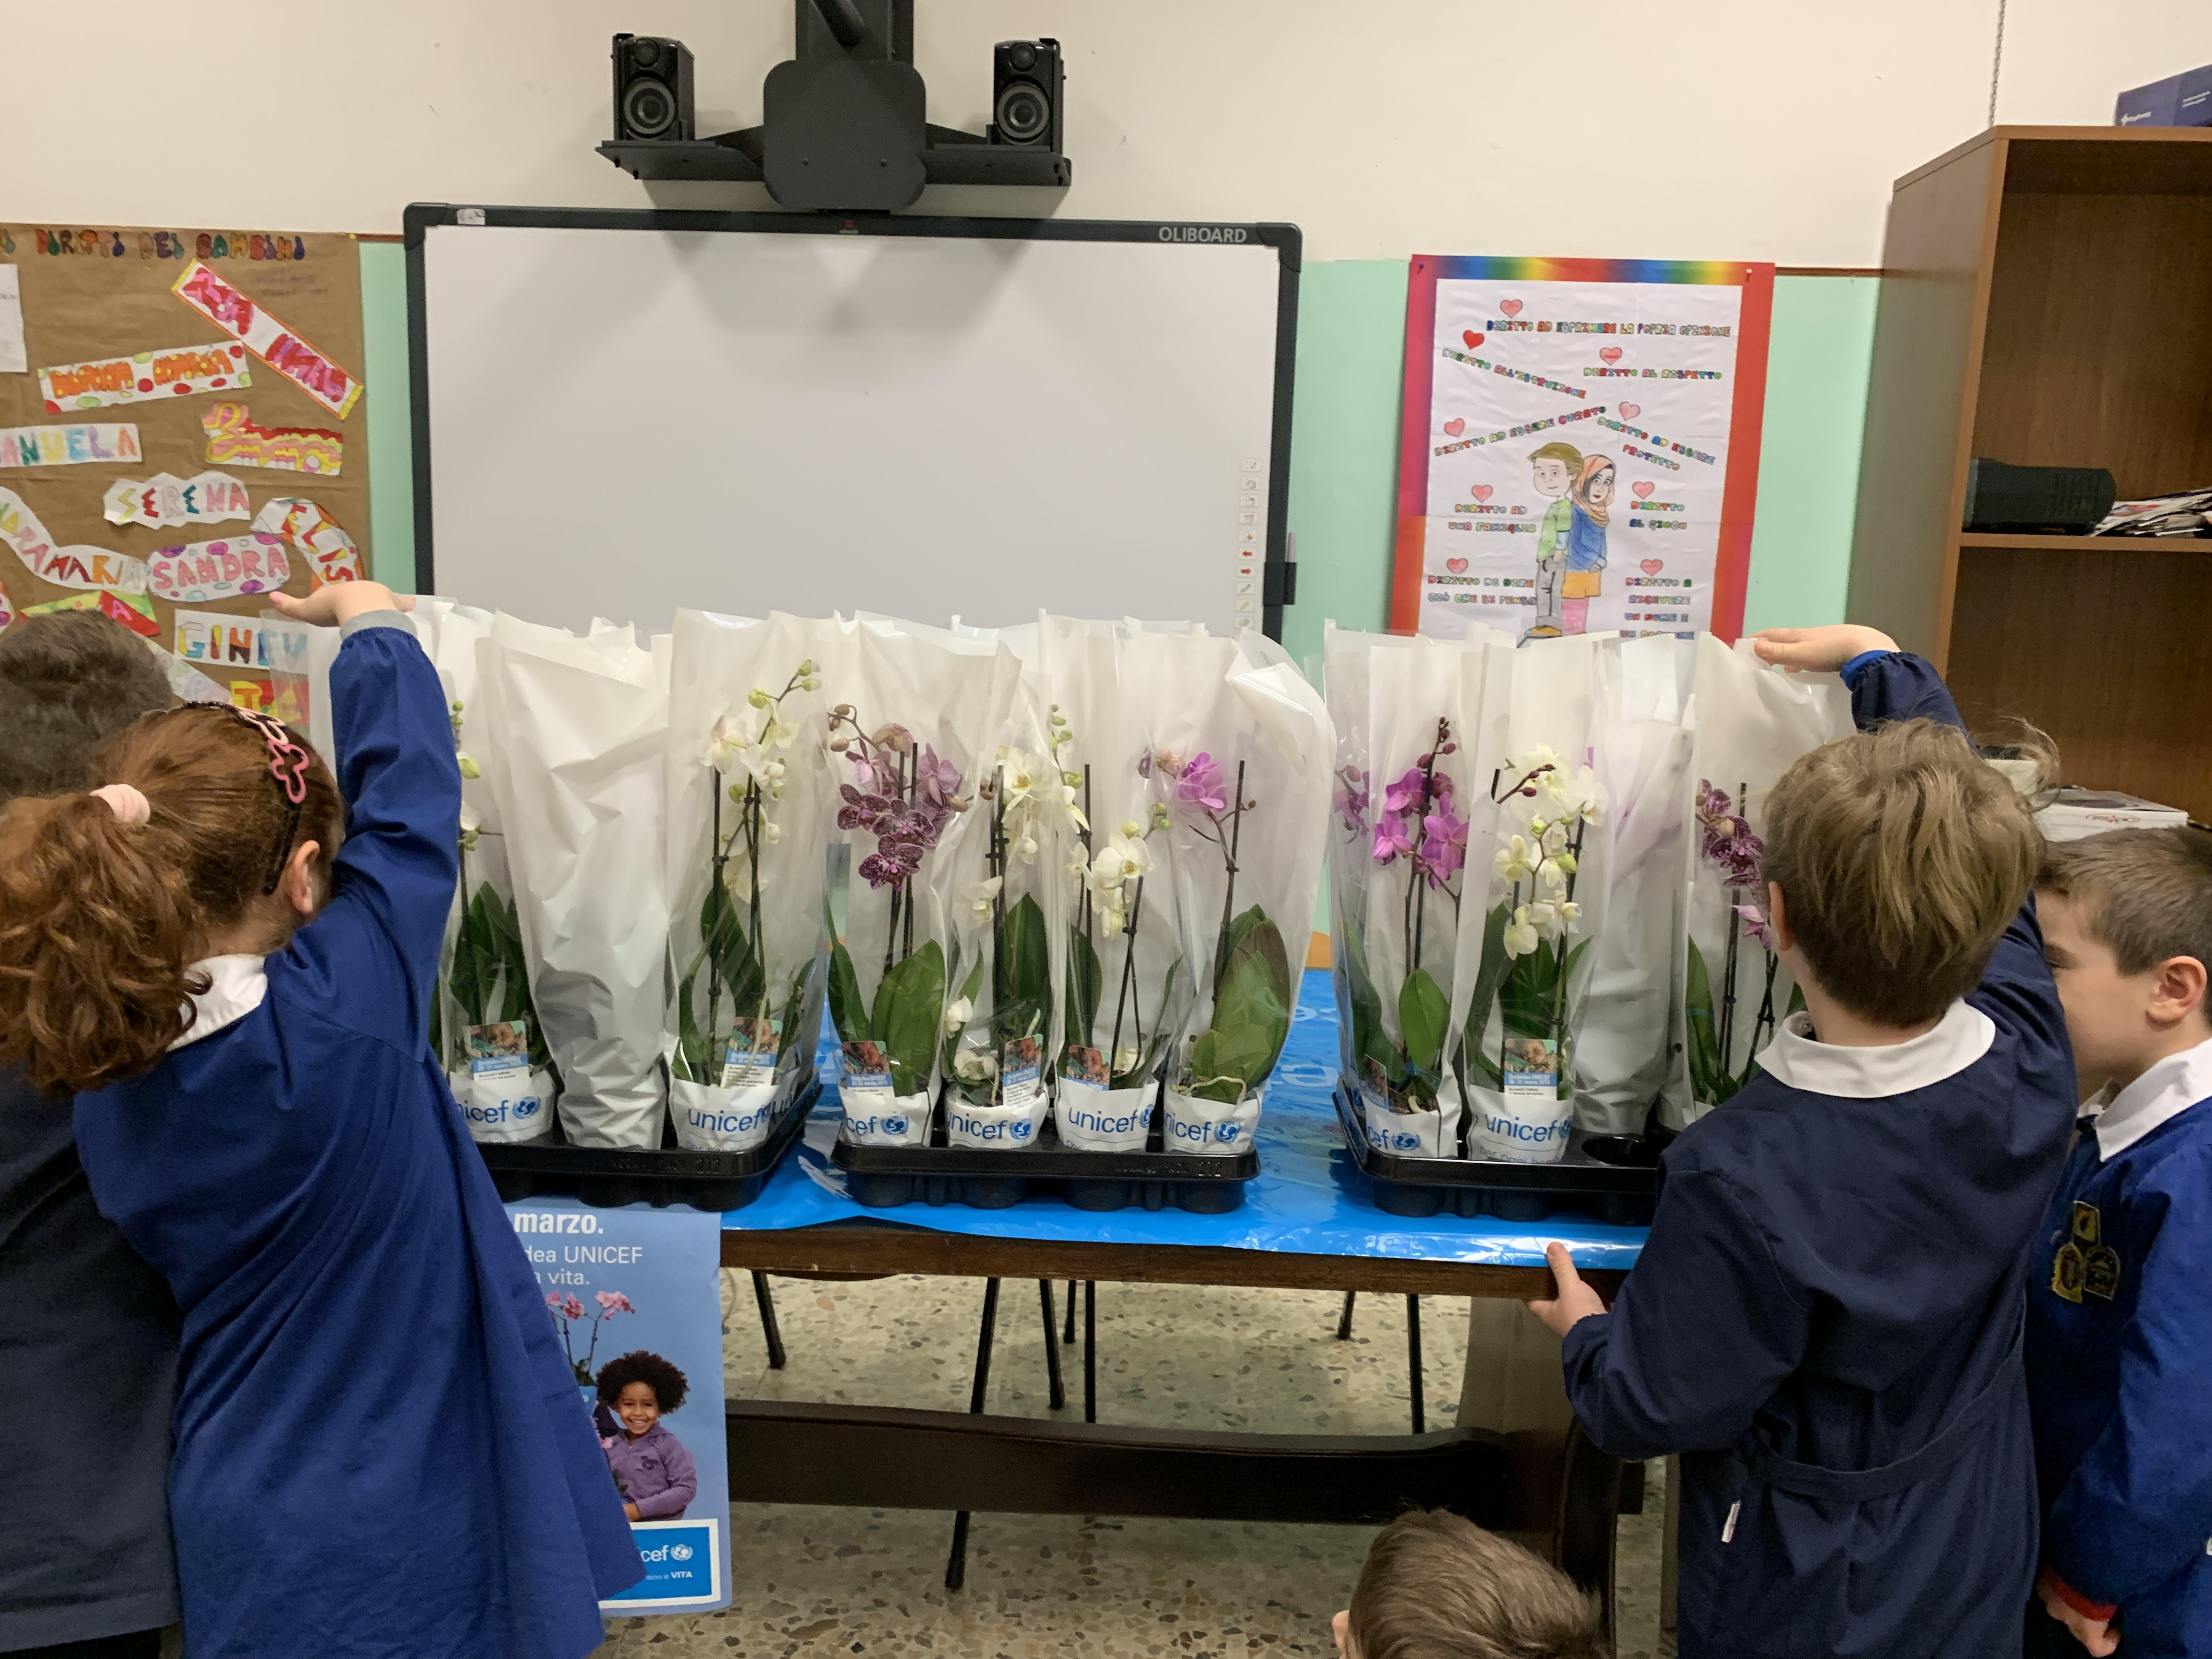 Le Orchidee dell'UNICEF alla scuola Cialdi